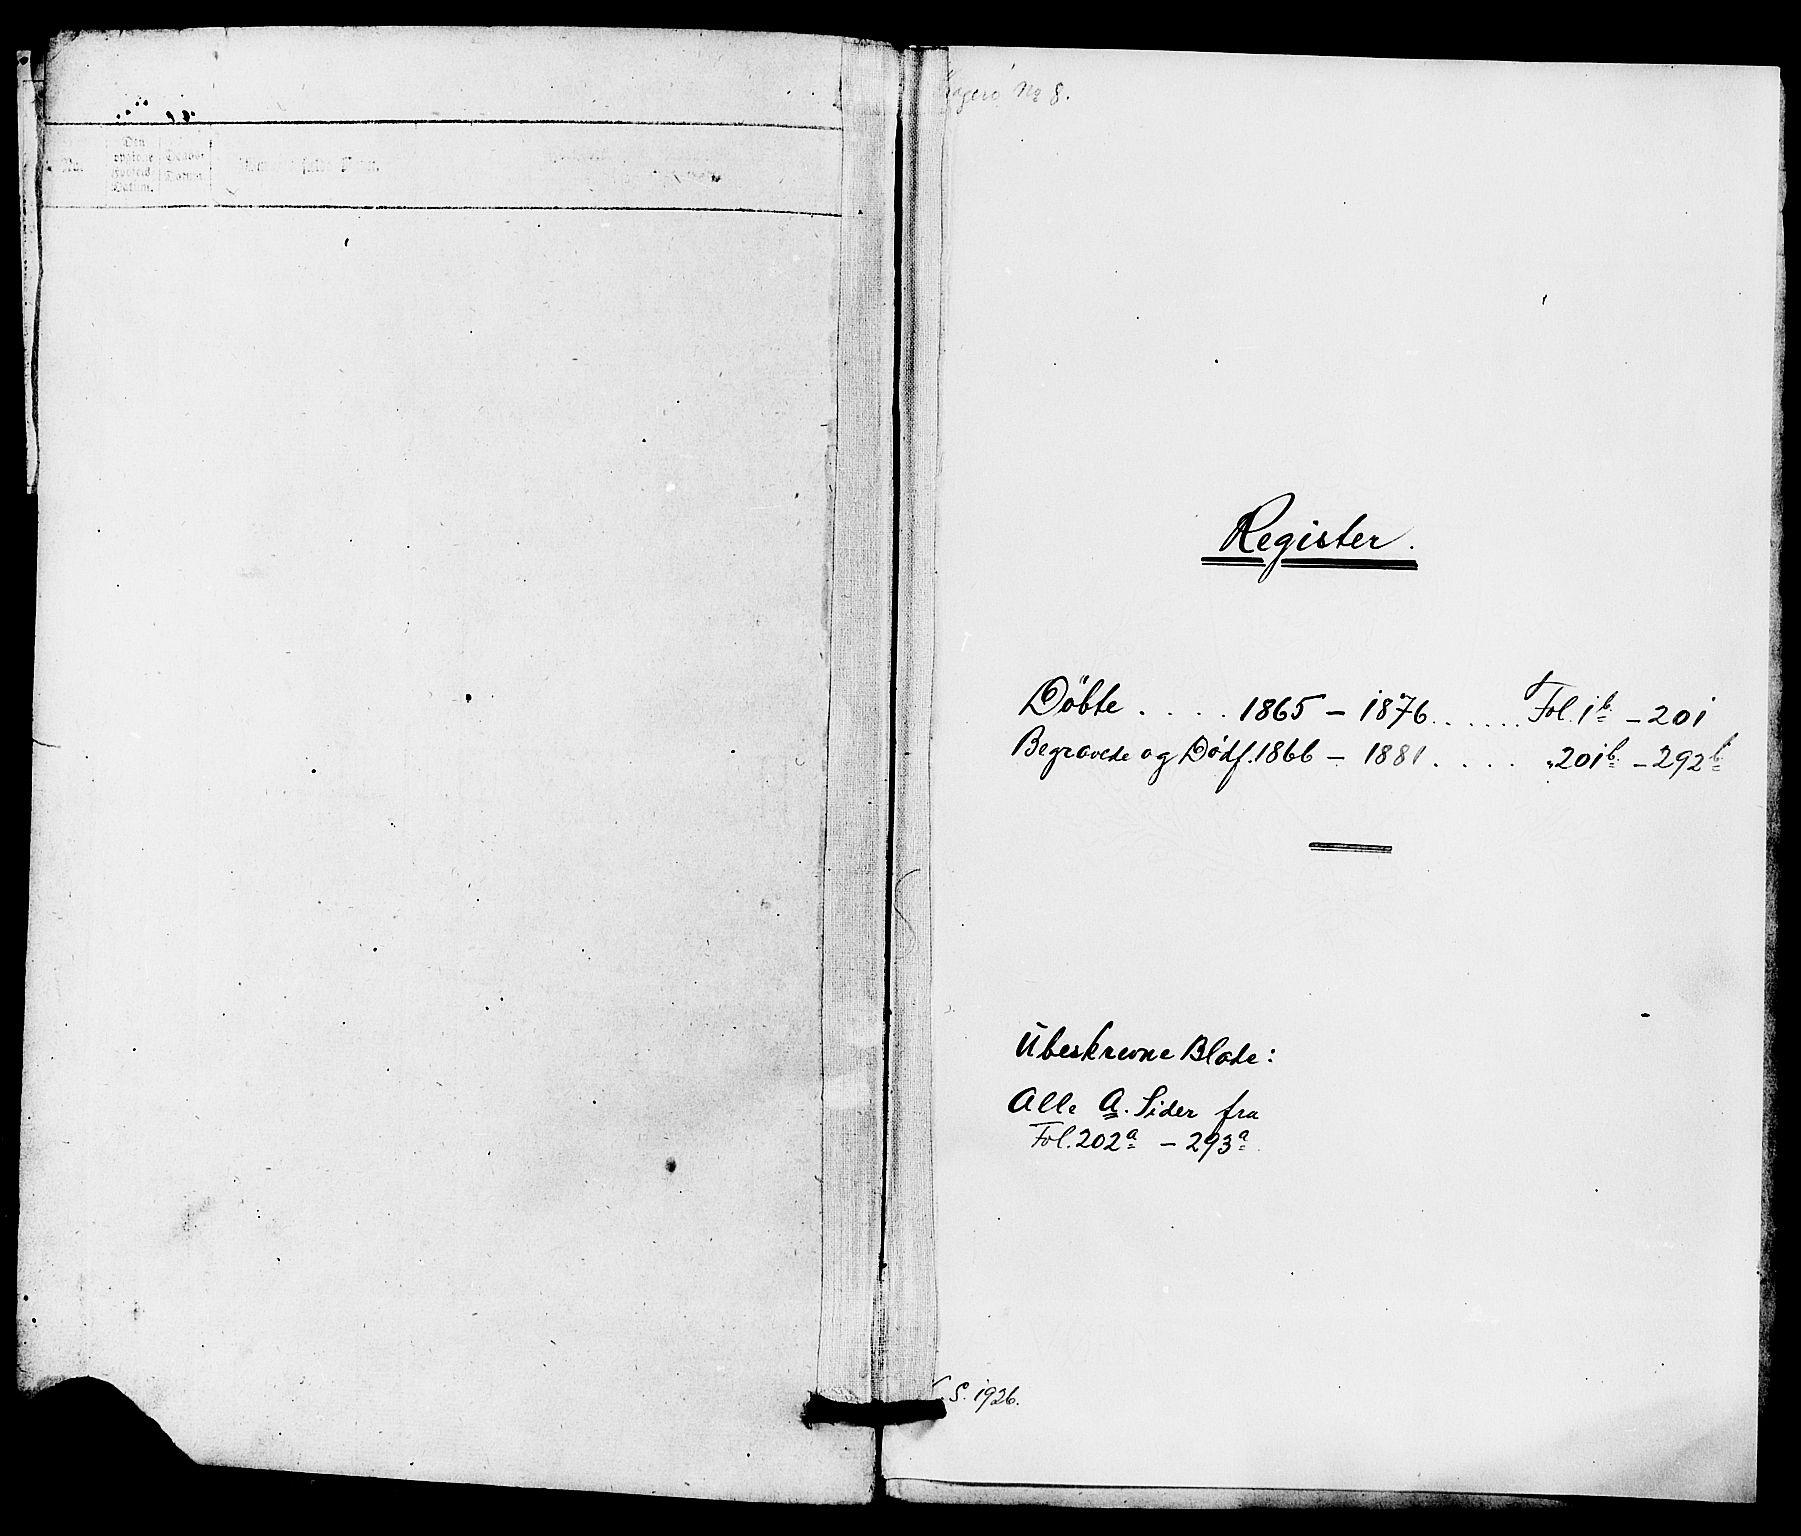 SAKO, Kragerø kirkebøker, G/Ga/L0005: Klokkerbok nr. 5, 1865-1881